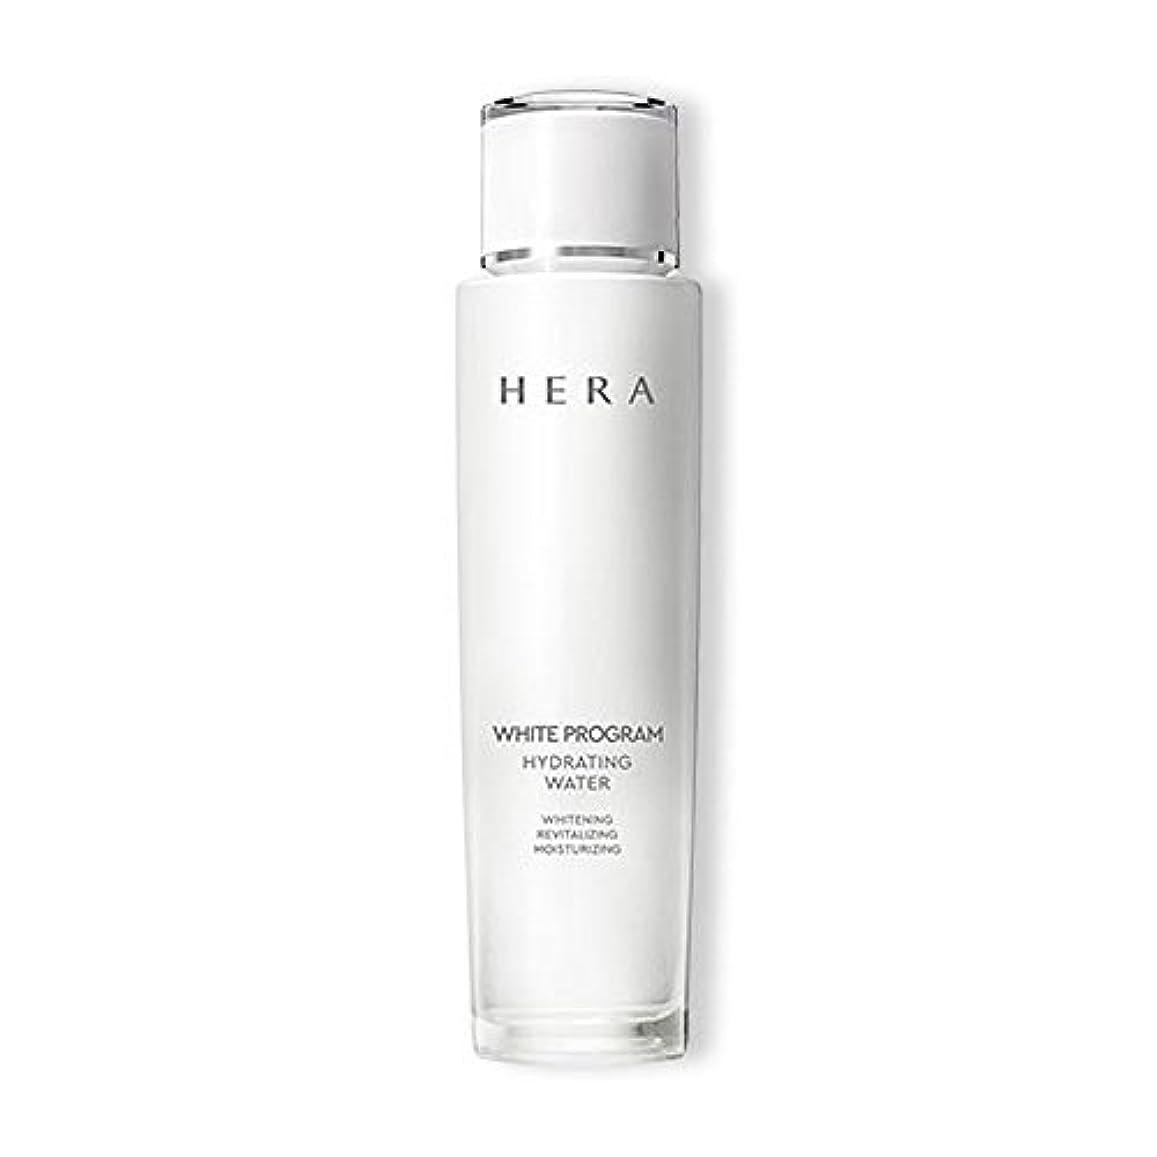 純粋にジェーンオースティン惑星HERA(ヘラ) ホワイトプログラムハイドロレイティングウォーター(化粧水)150ml